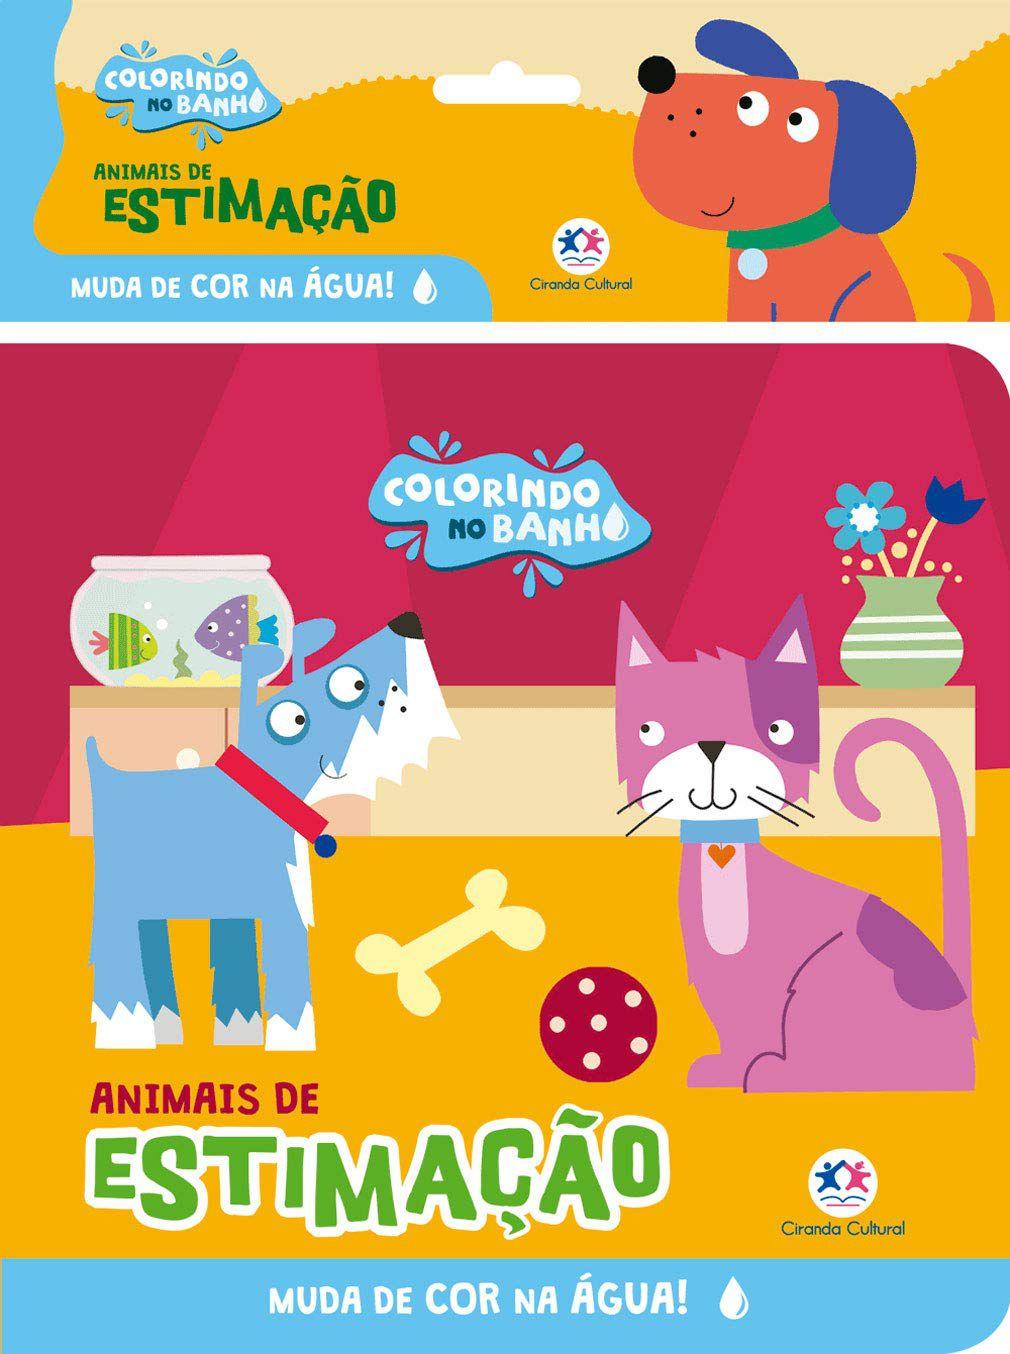 COLORINDO NO BANHO - ANIMAIS DE ESTIMACAO